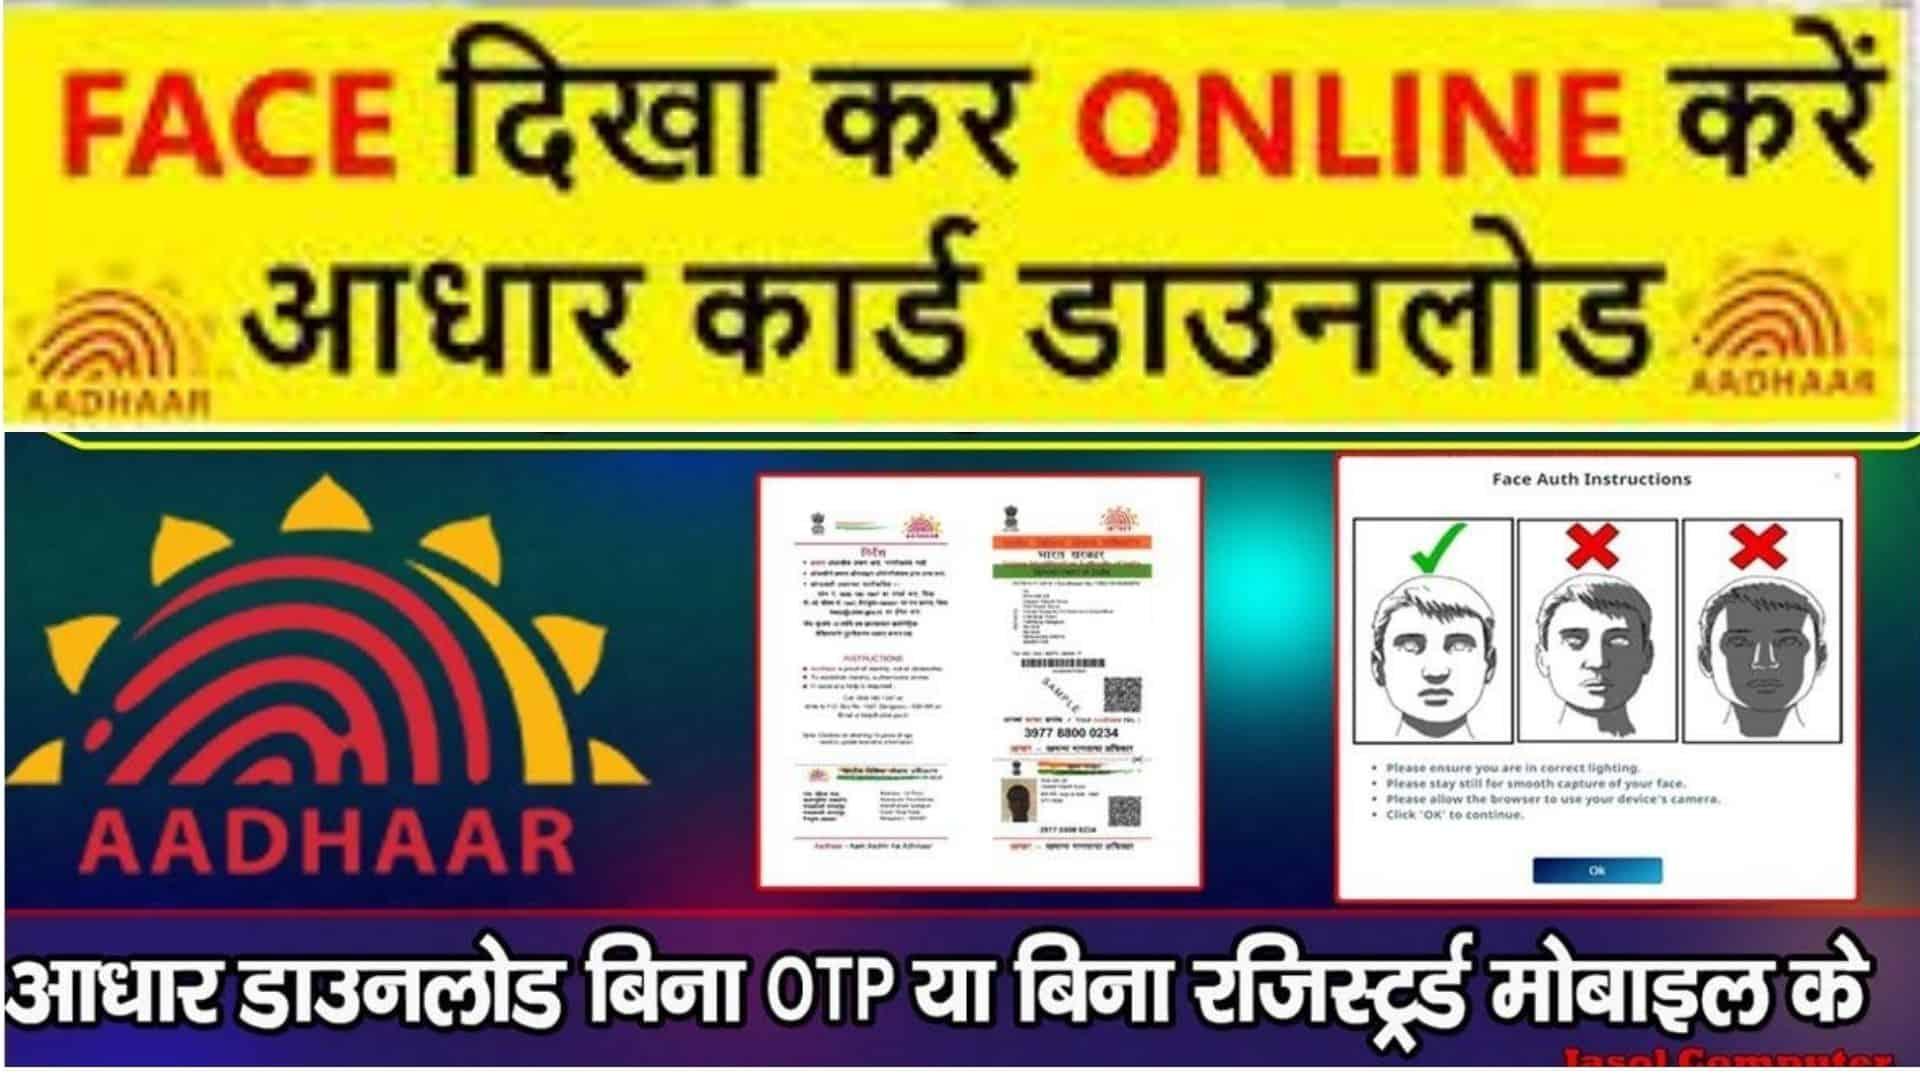 चेहरा दिखाकर ''ई आधार कार्ड '' करें डाउनलोड_ Download Aadhaar Card Using Face Authentication